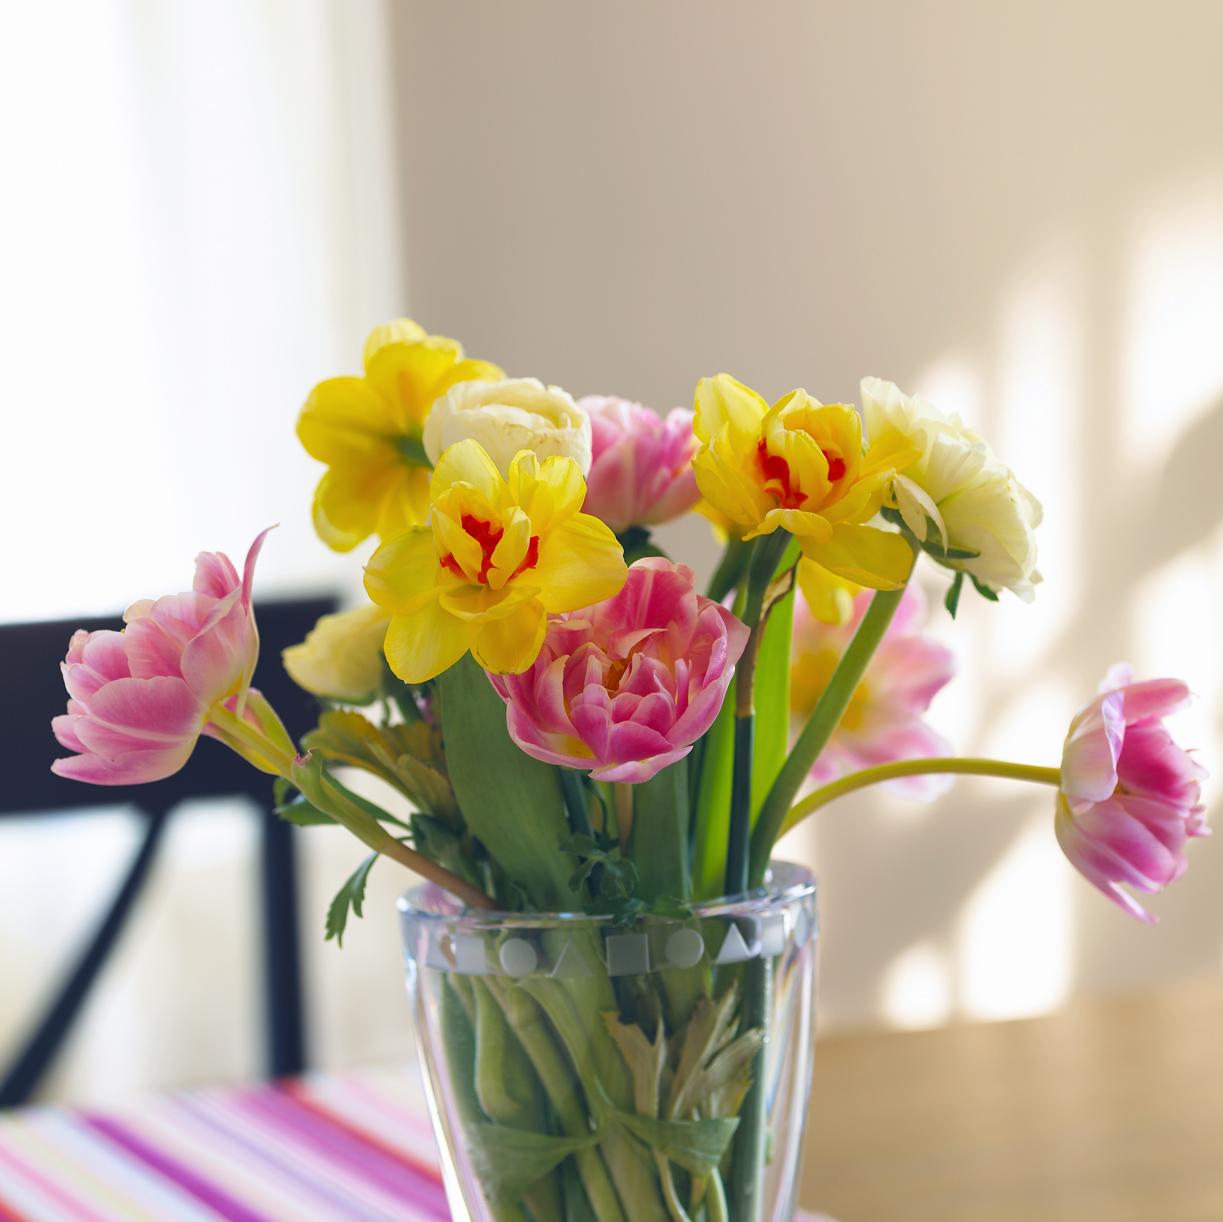 Floers in vase